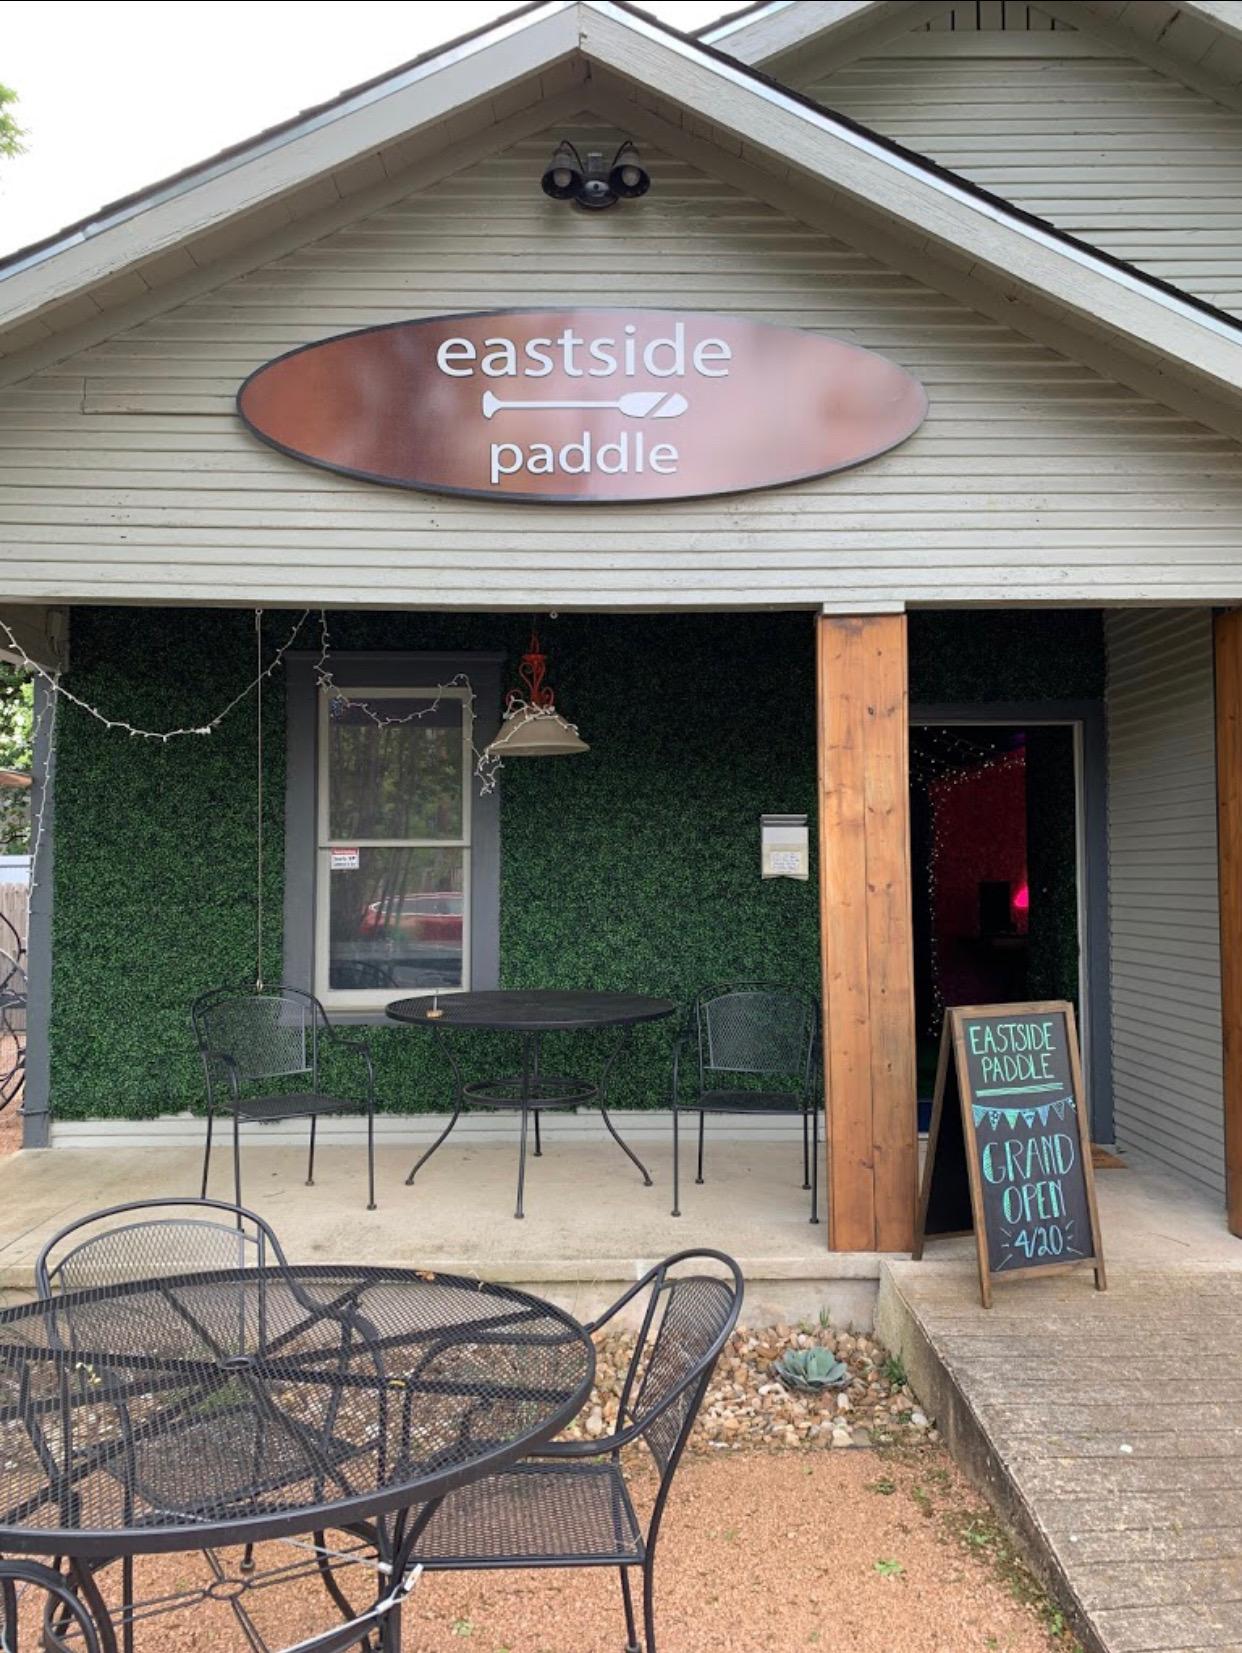 eastsidepaddlepic.JPG